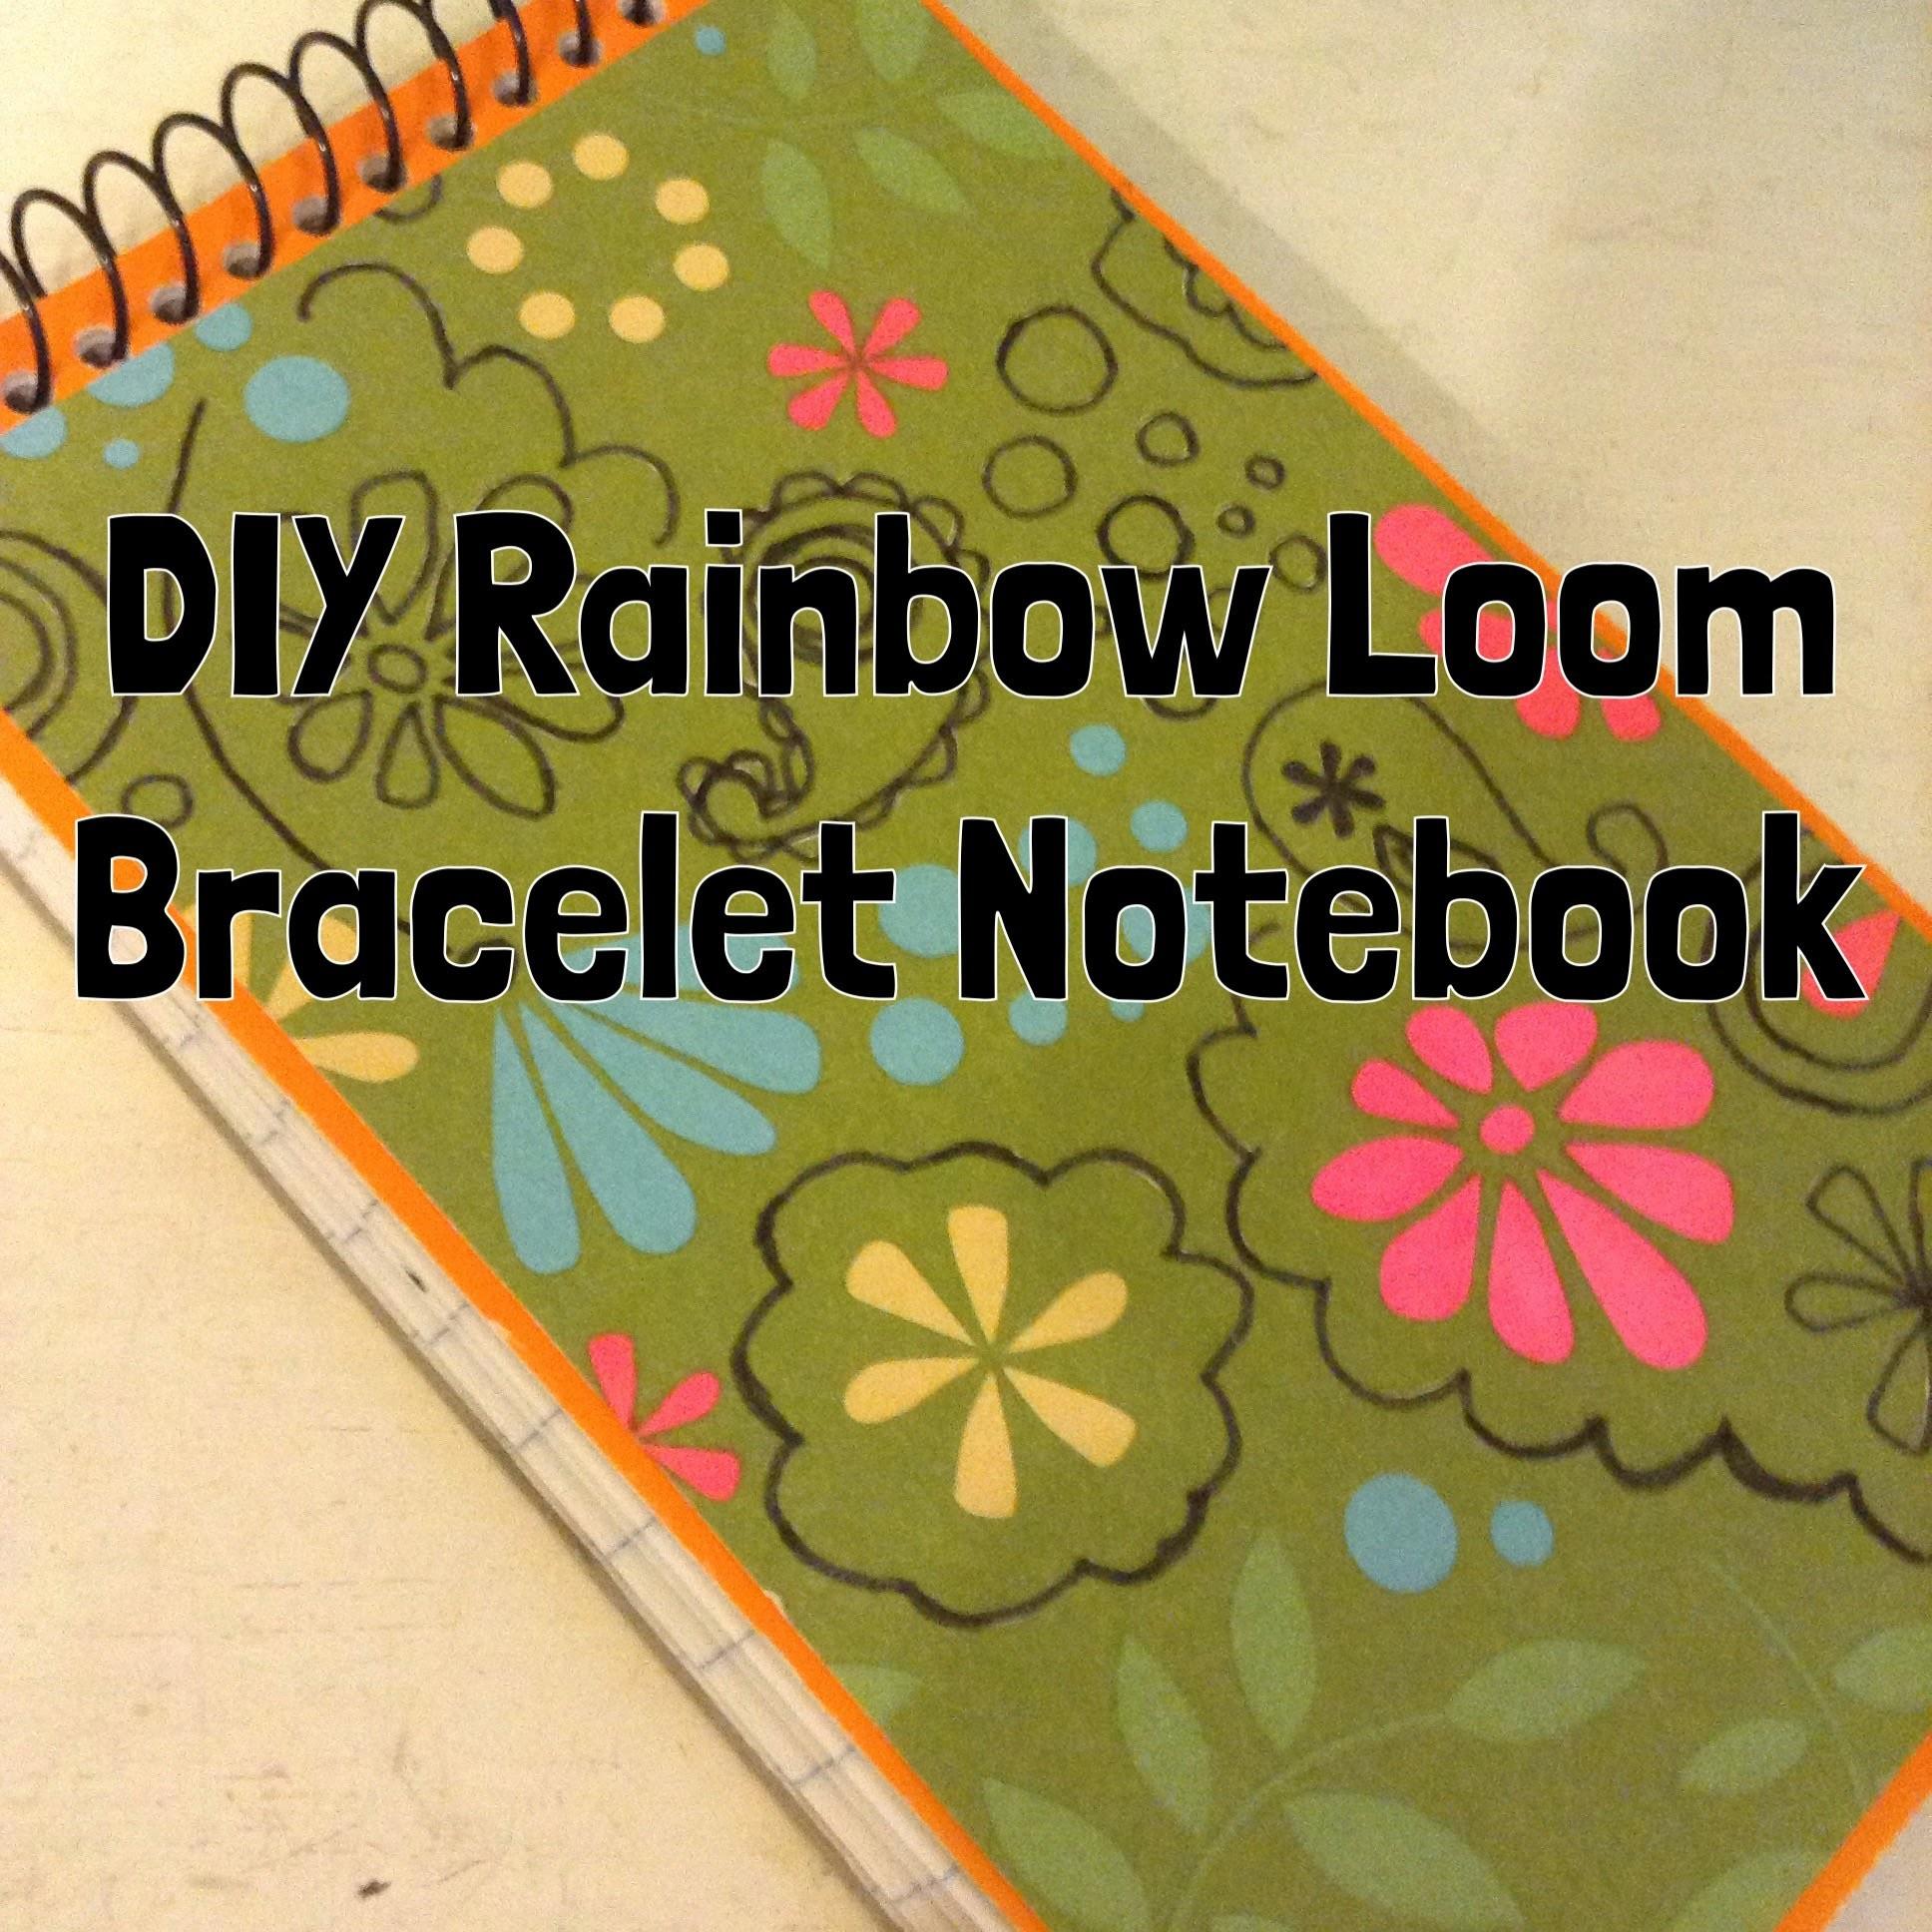 DIY Rainbow Loom Bracelet Notebook